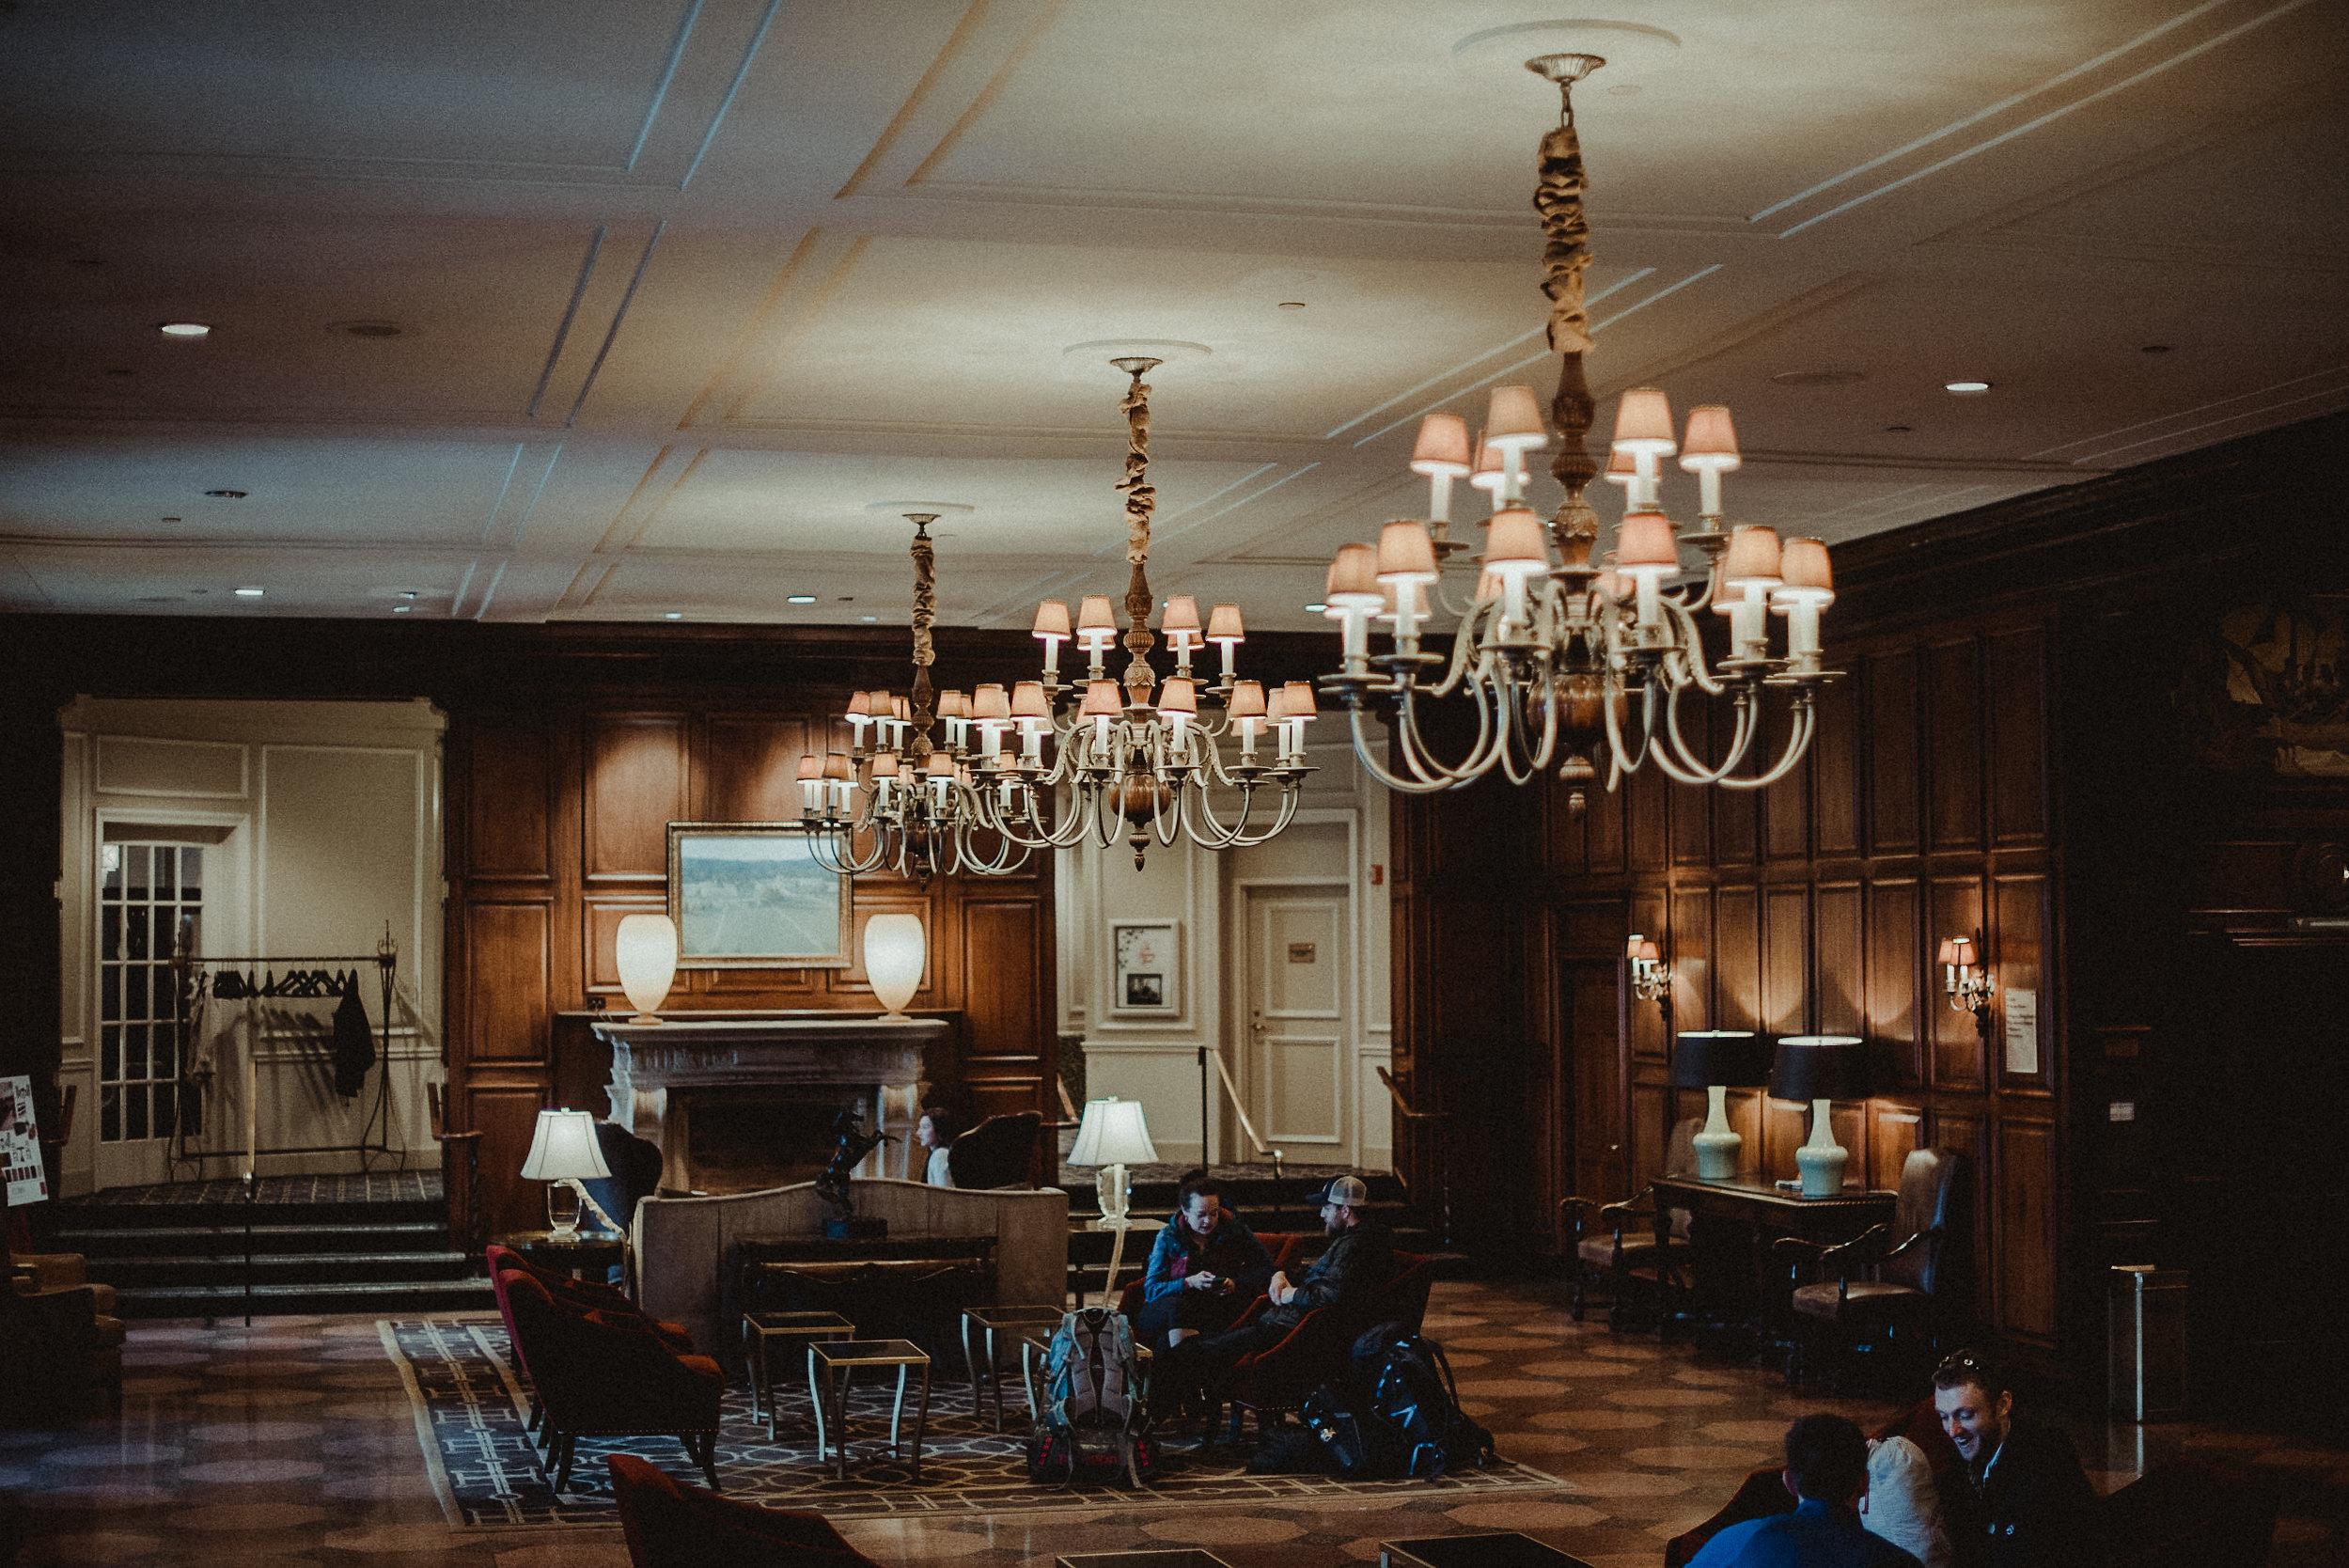 Lounge in the roanoke hotel